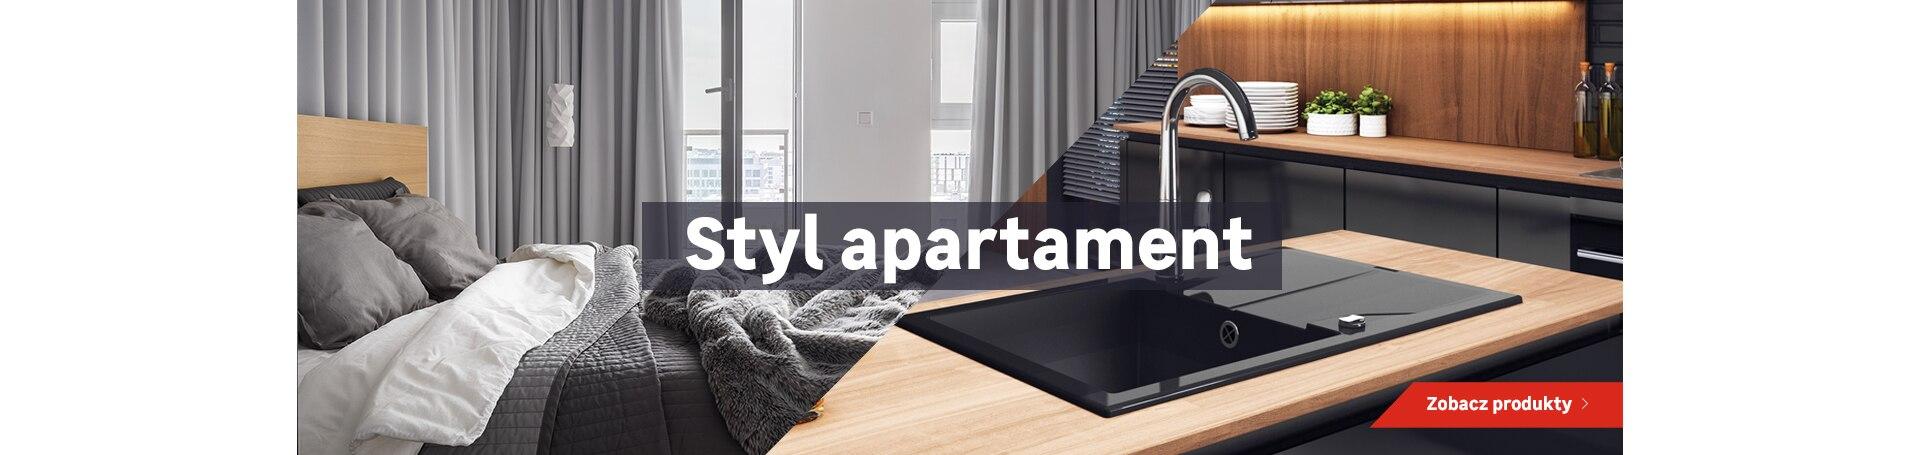 styl-apartament-1.07-16.07.2019-1323x455